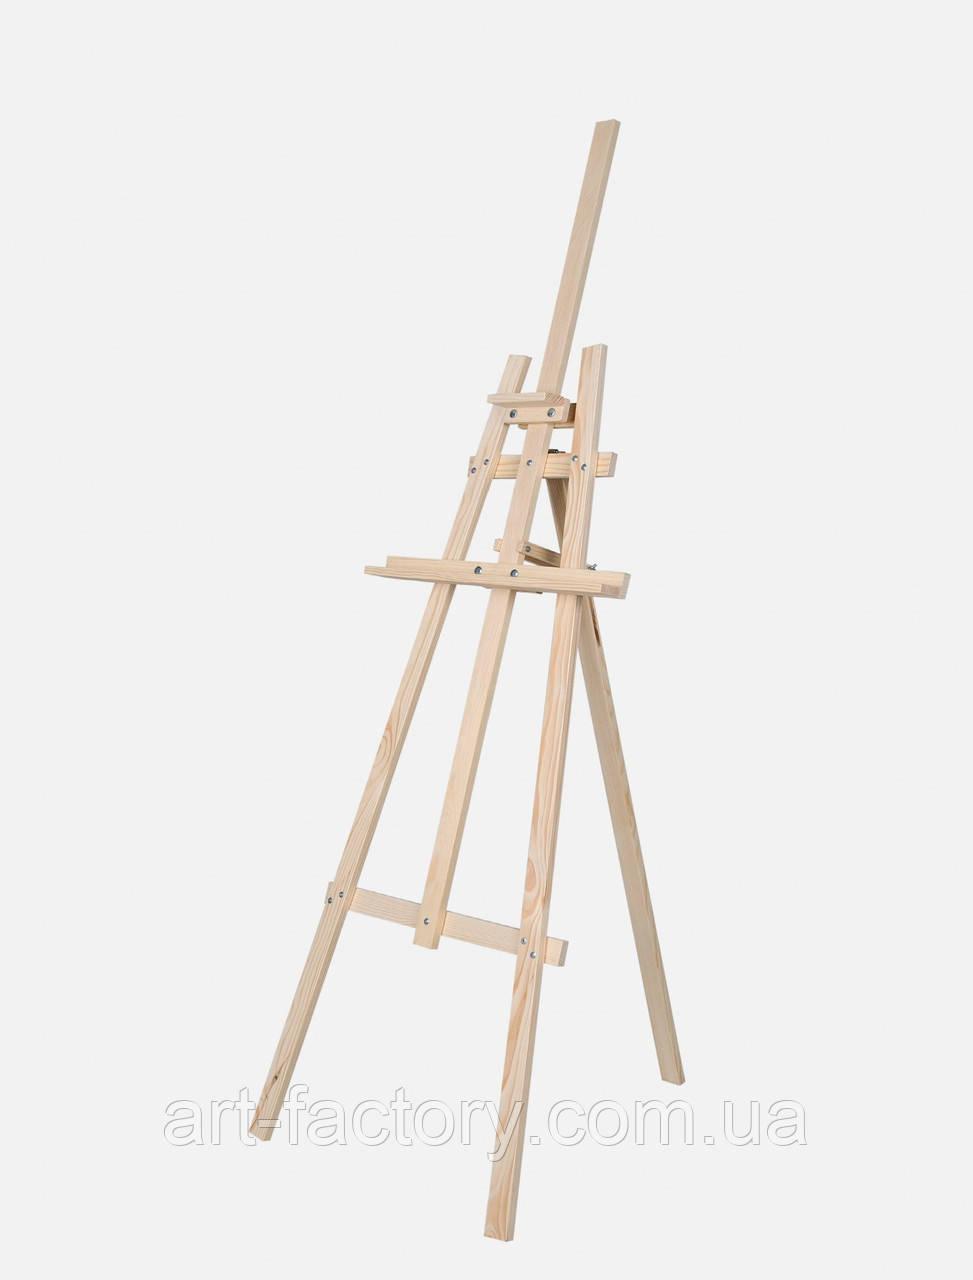 Мольберт детский, тренога 60 х 80 х 150 см деревянный